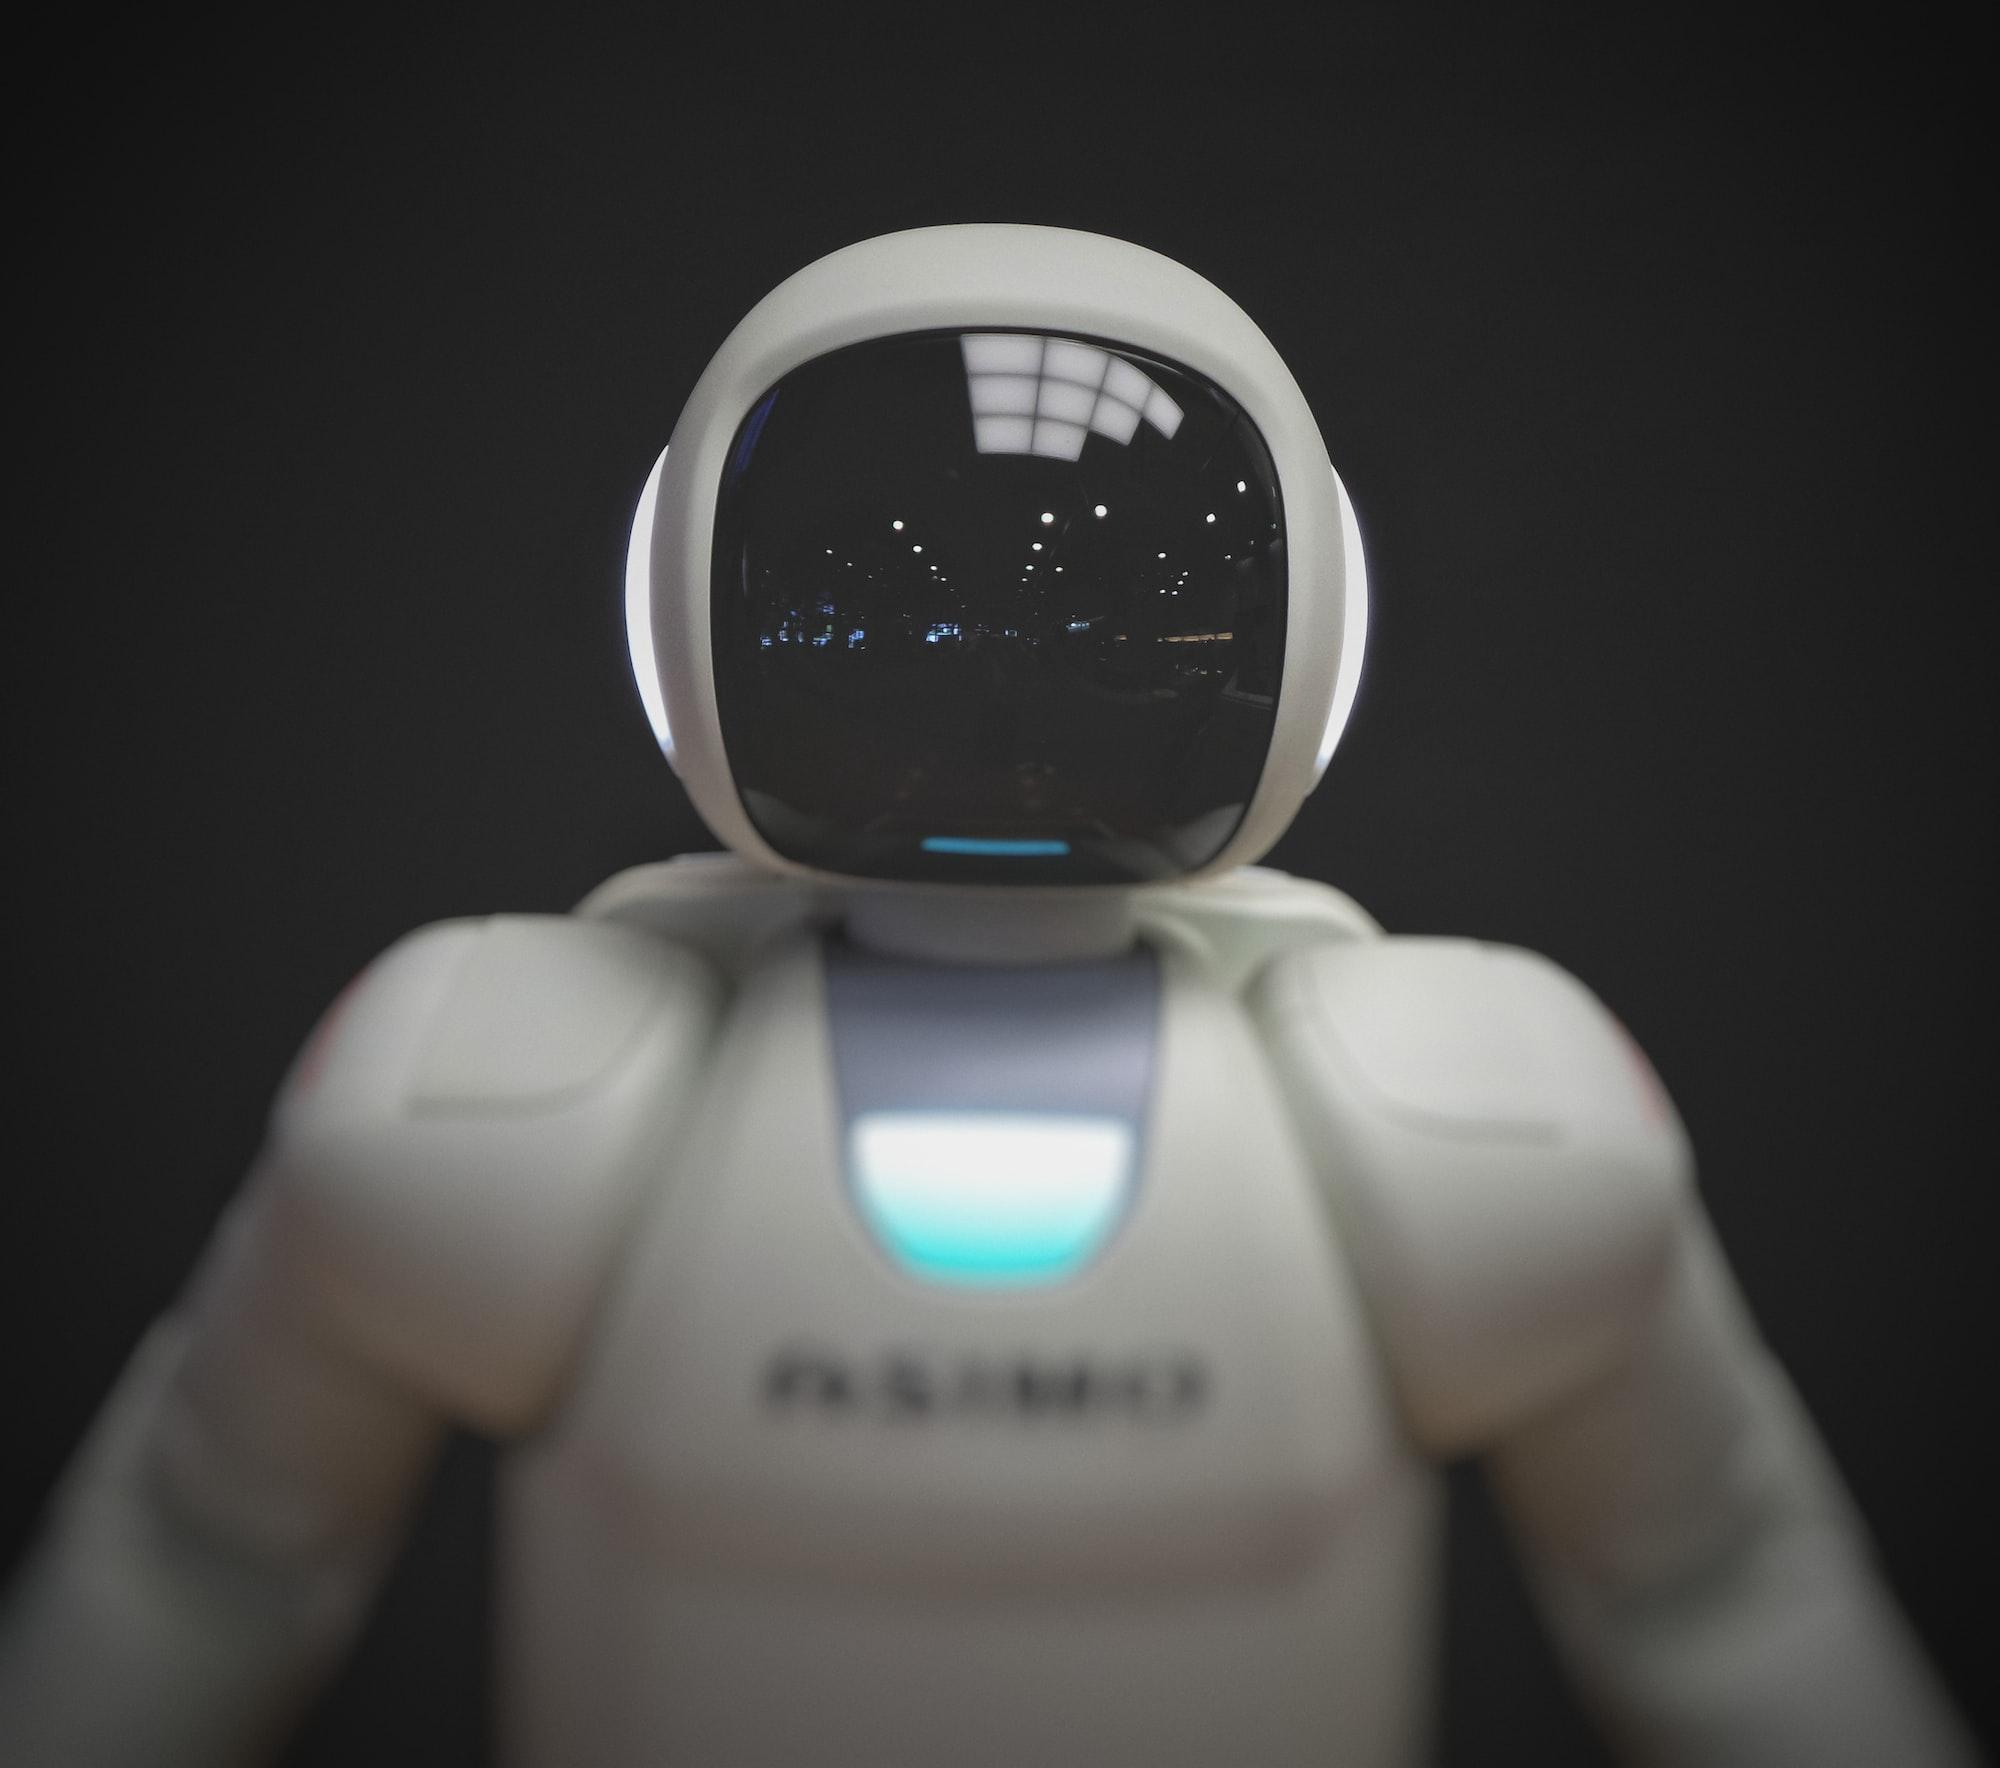 IA por la Derecha y a la Vuelta de Esquina